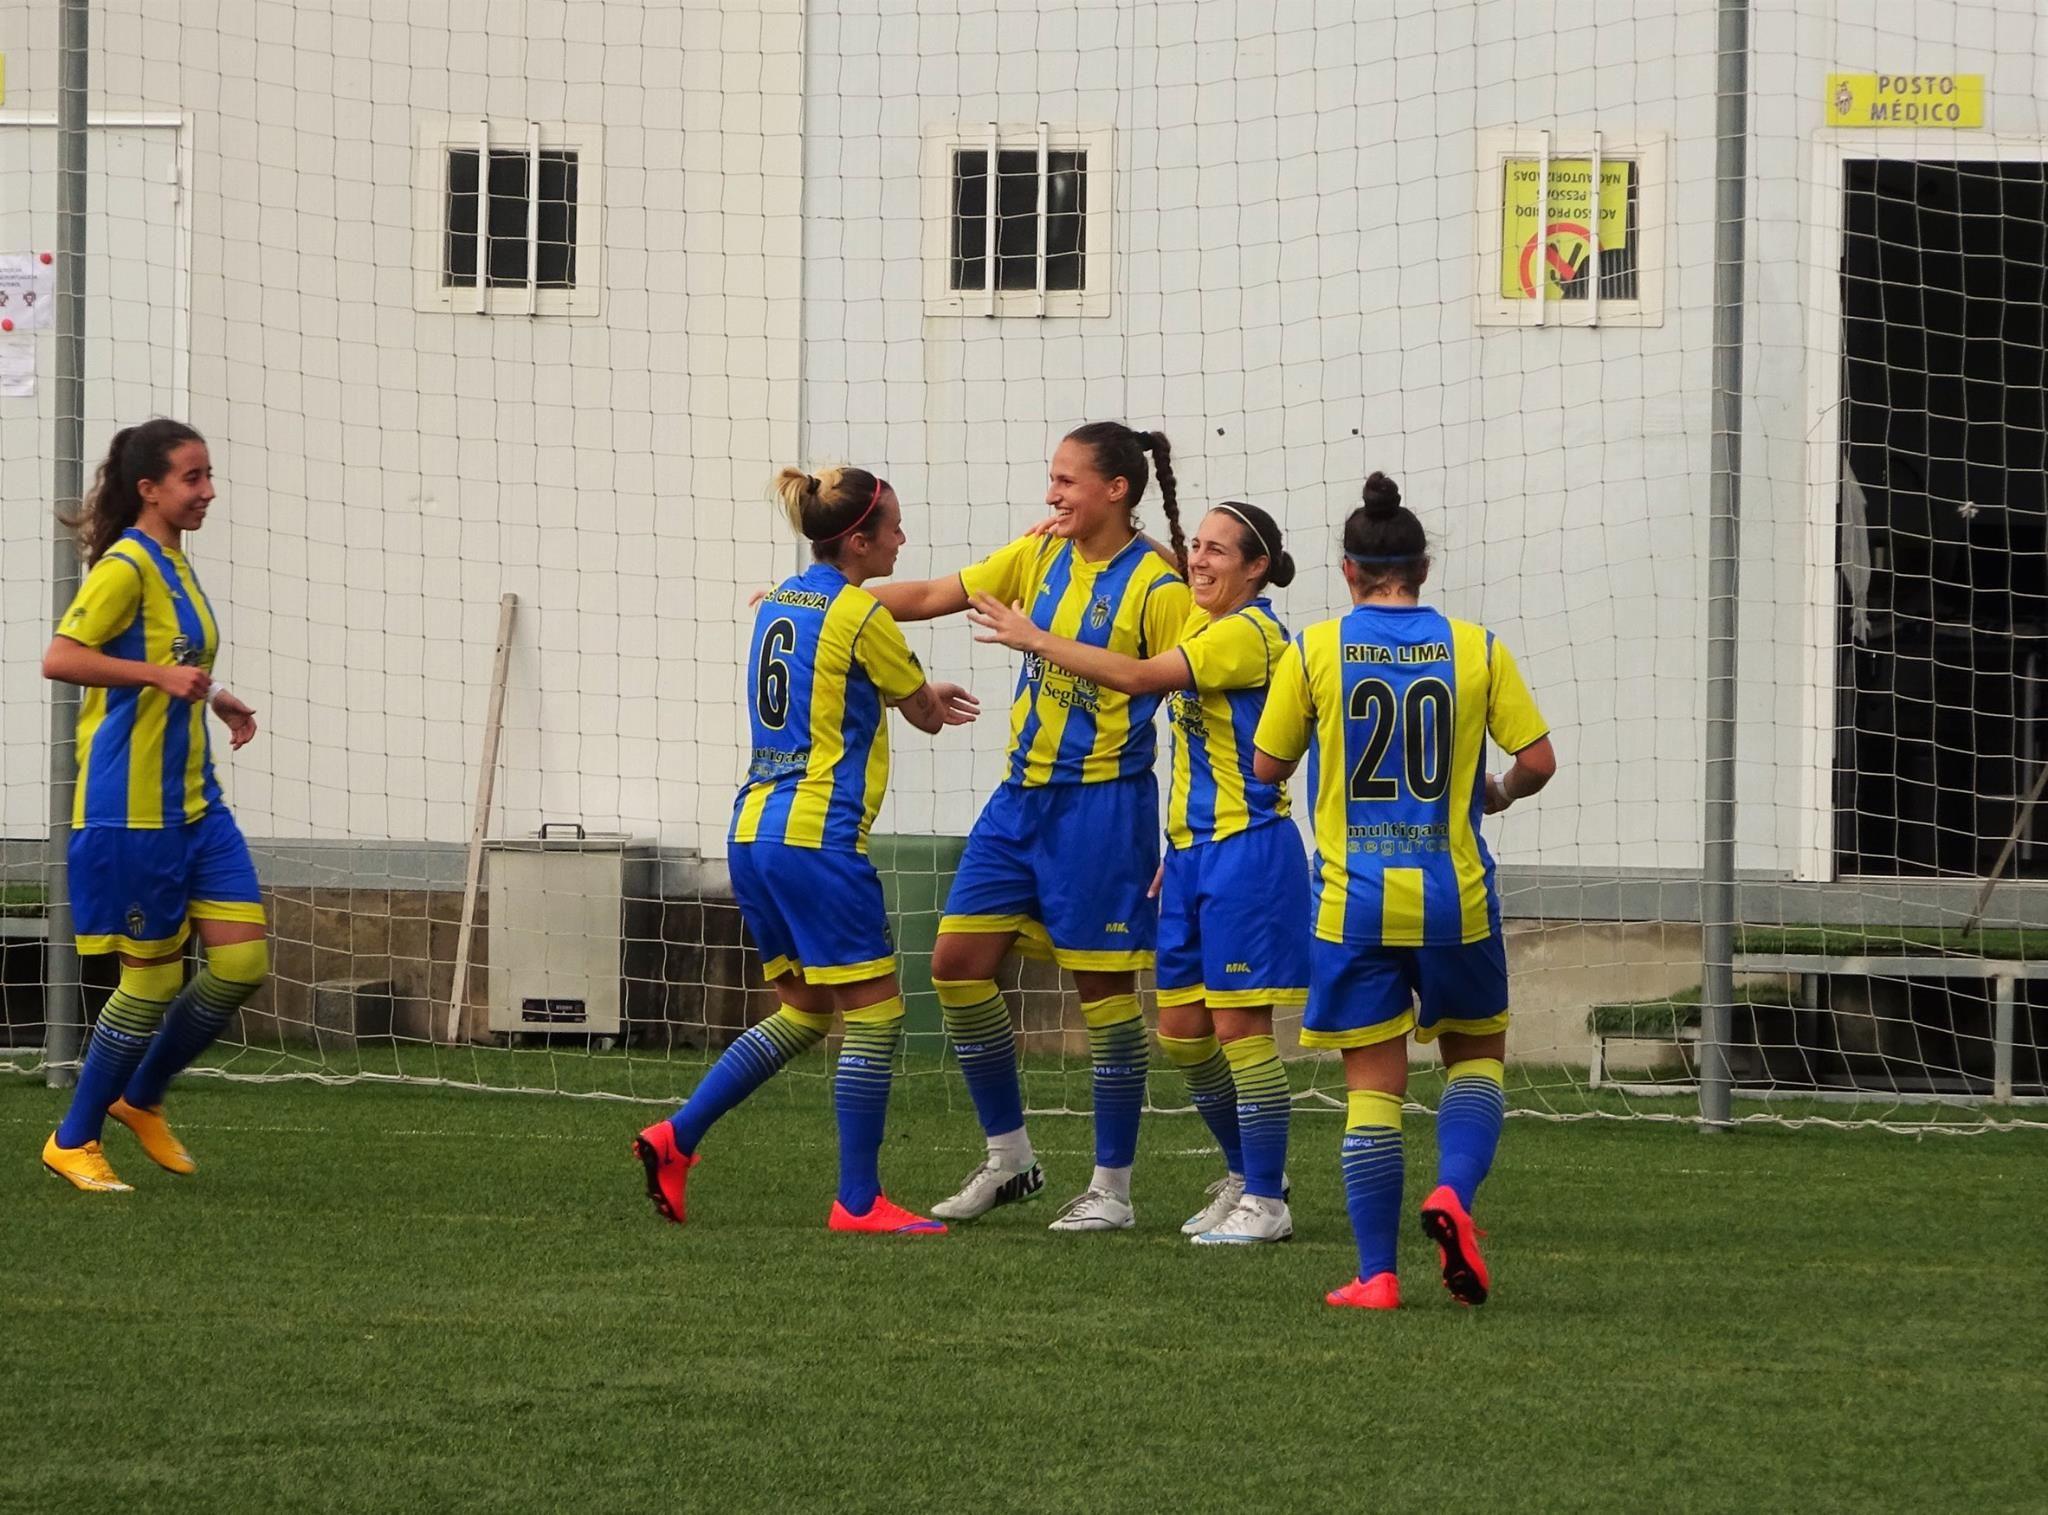 O Valadares Gaia segue imparável na liderança do campeonato feminino e, ontem, registou nova goleada: 9-0 na receção à Fundação Laura Santos.